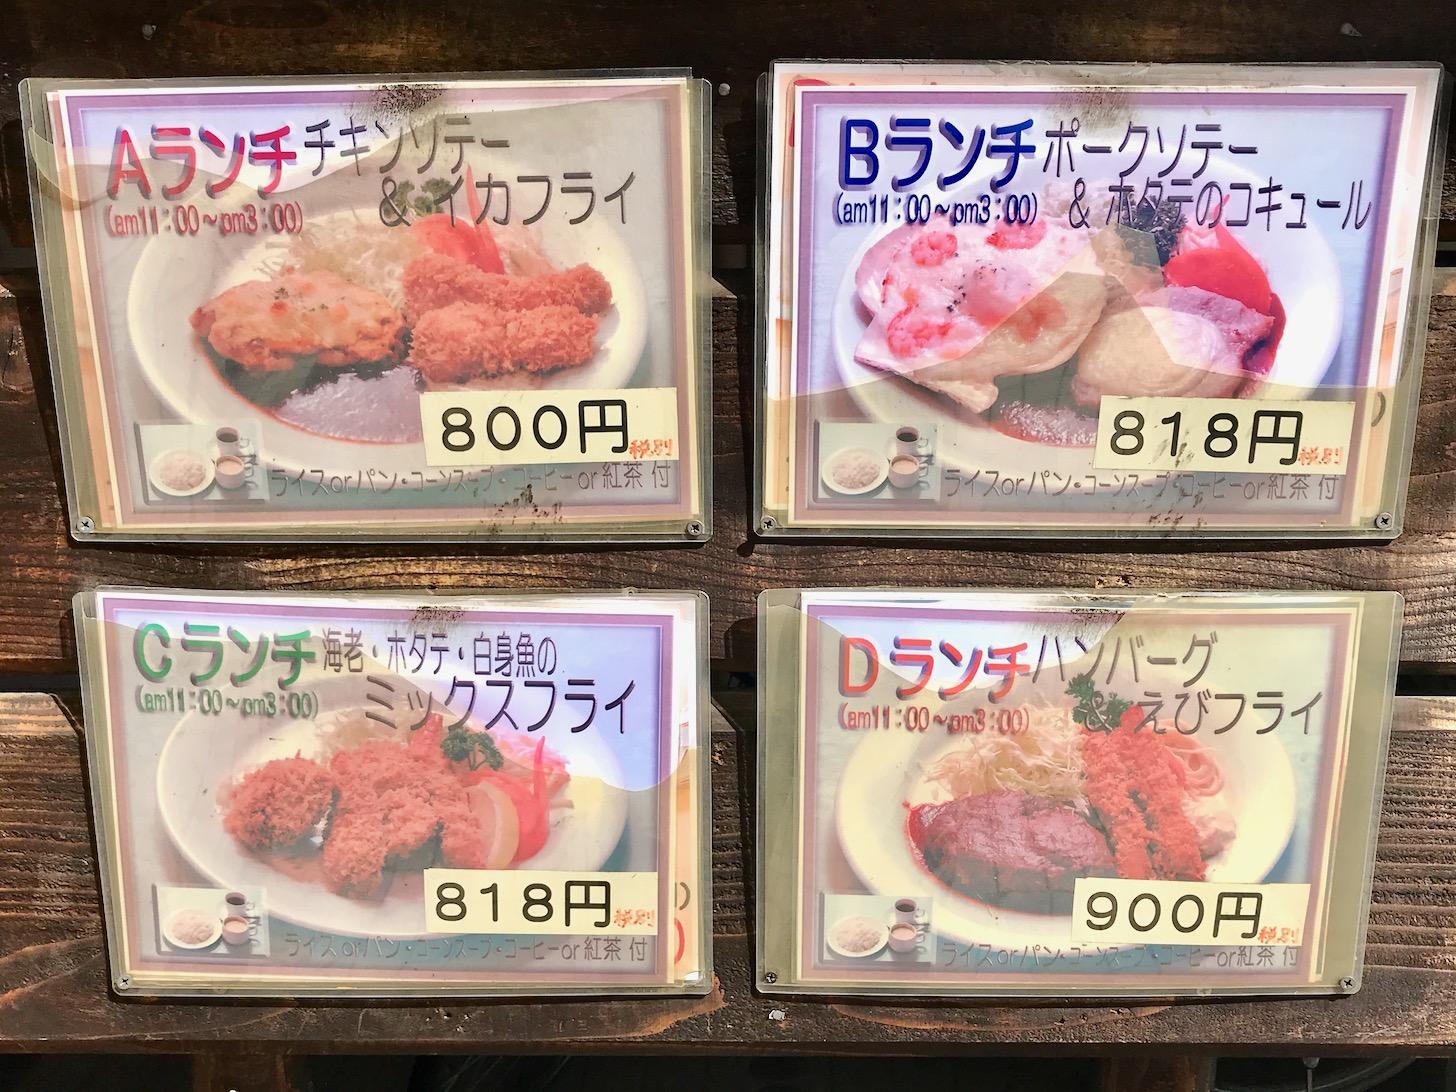 レストラン神谷 ランチタイムに食べられるA〜Dランチはお手頃価格